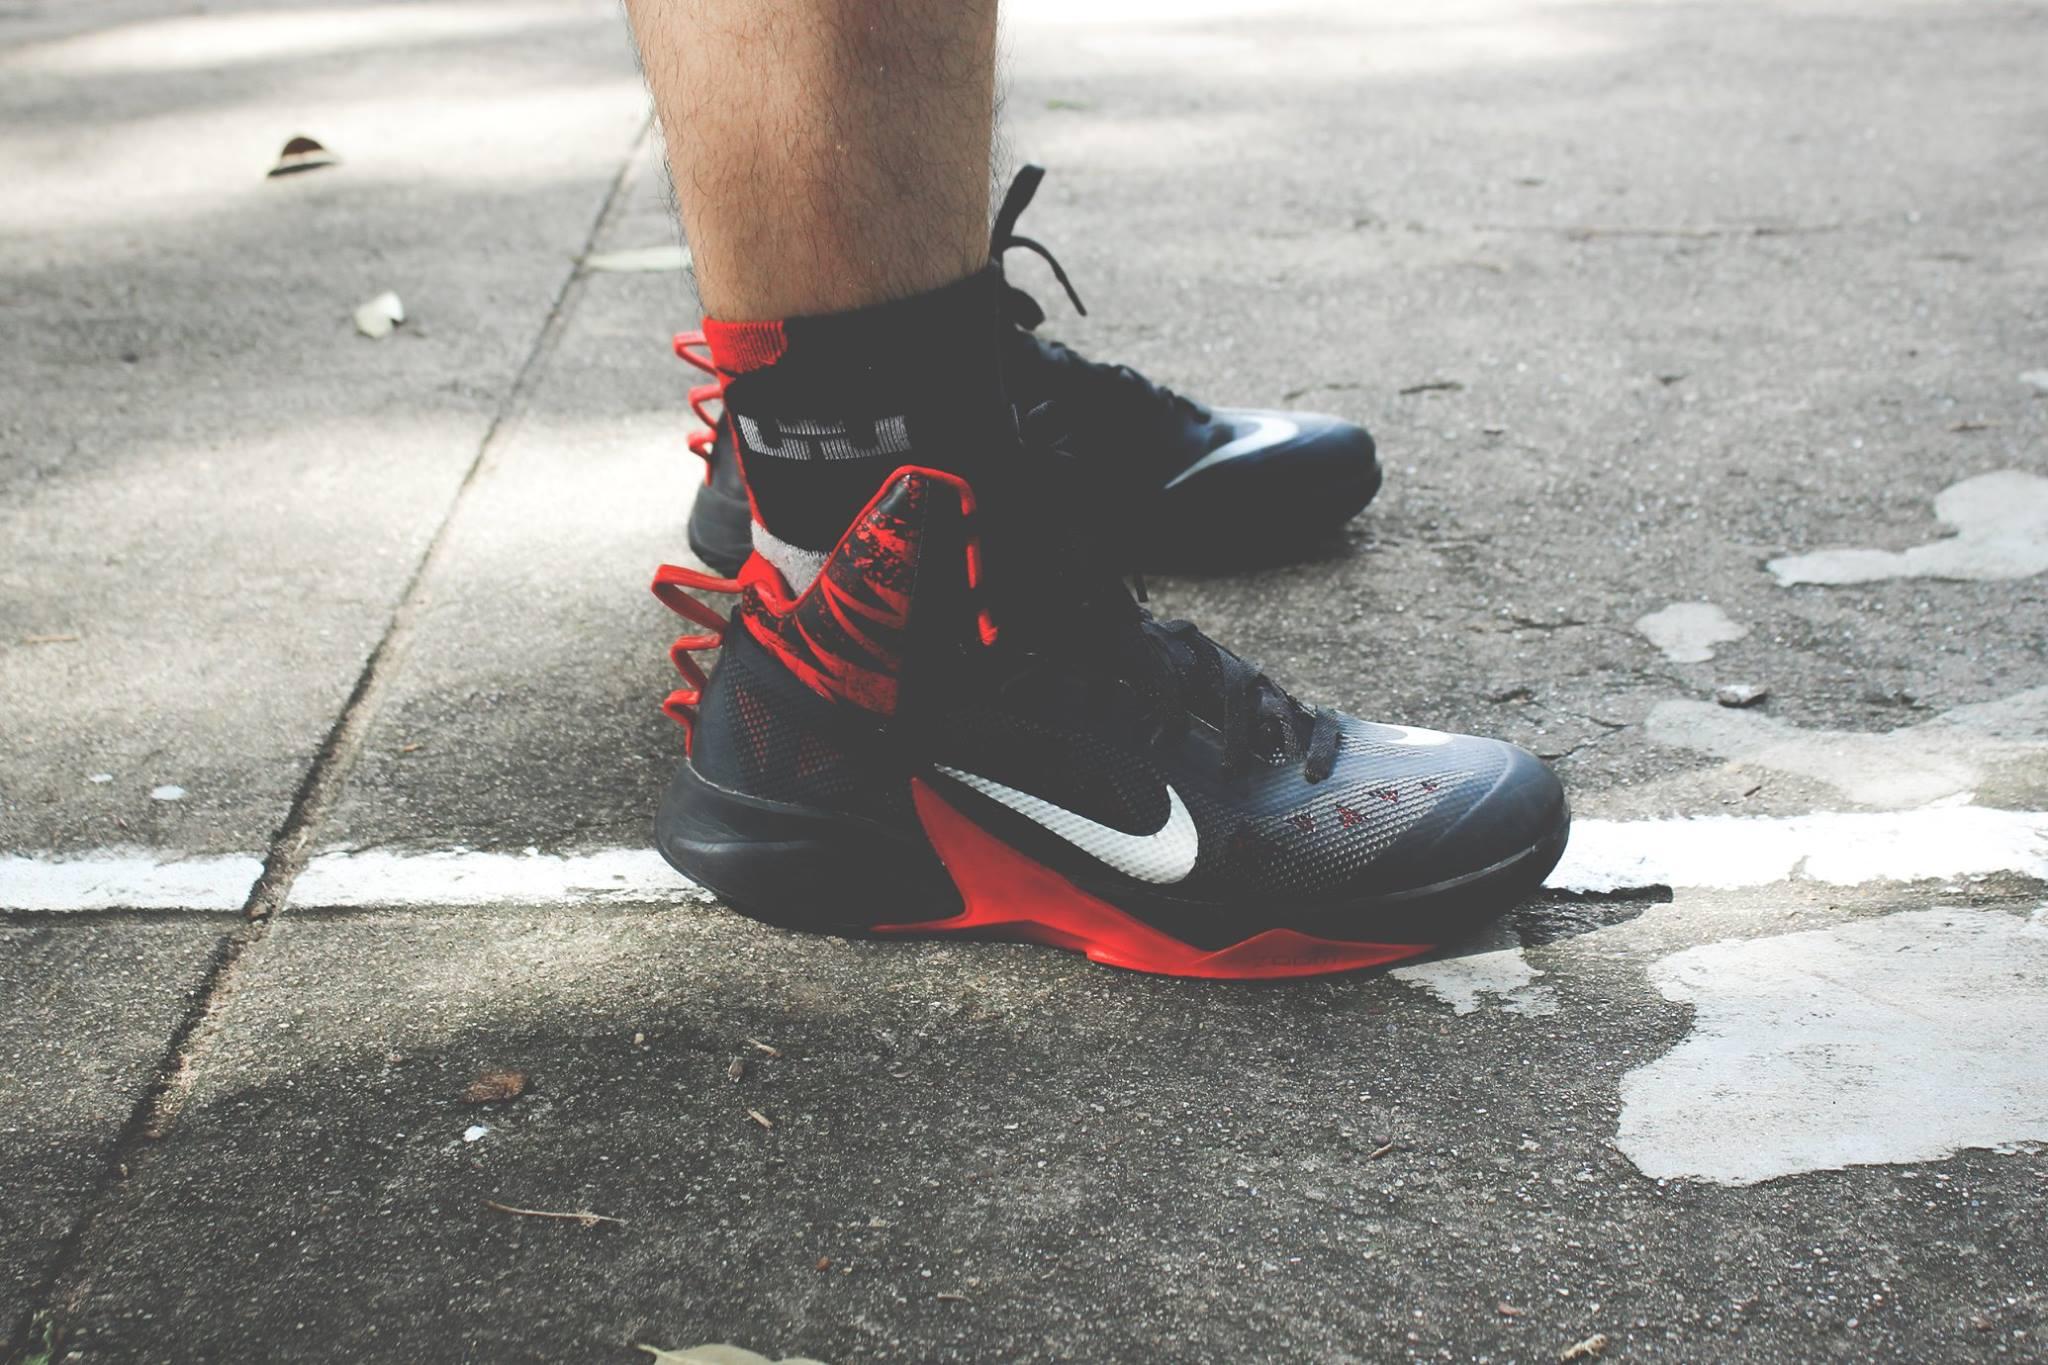 Kinh nghiệm không phải ai cũng biết khi chọn giày bóng rổ chơi outdoor